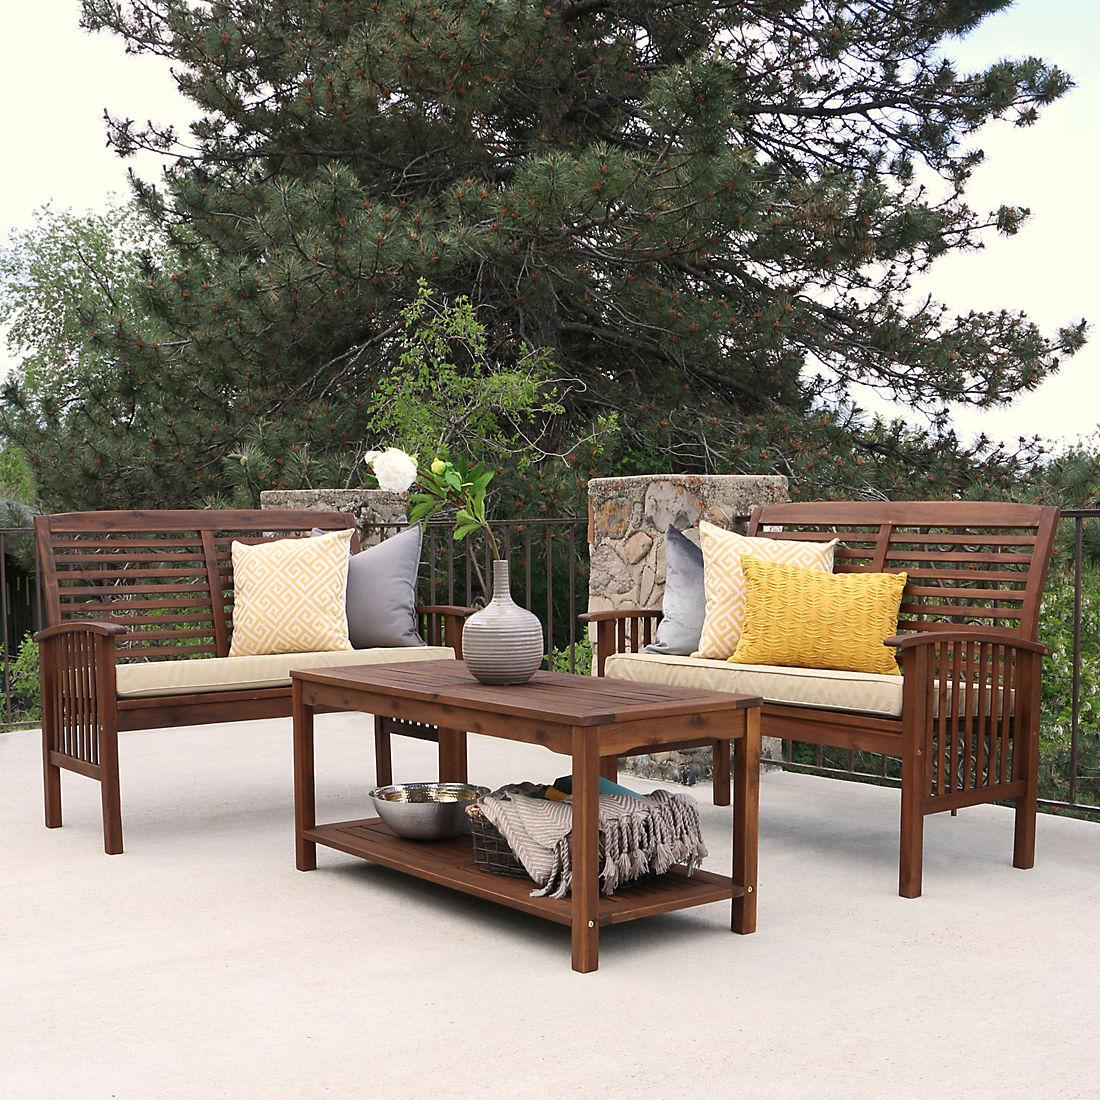 Superb W Trends 3 Pc Acacia Conversation Patio Set Dark Brown Unemploymentrelief Wooden Chair Designs For Living Room Unemploymentrelieforg